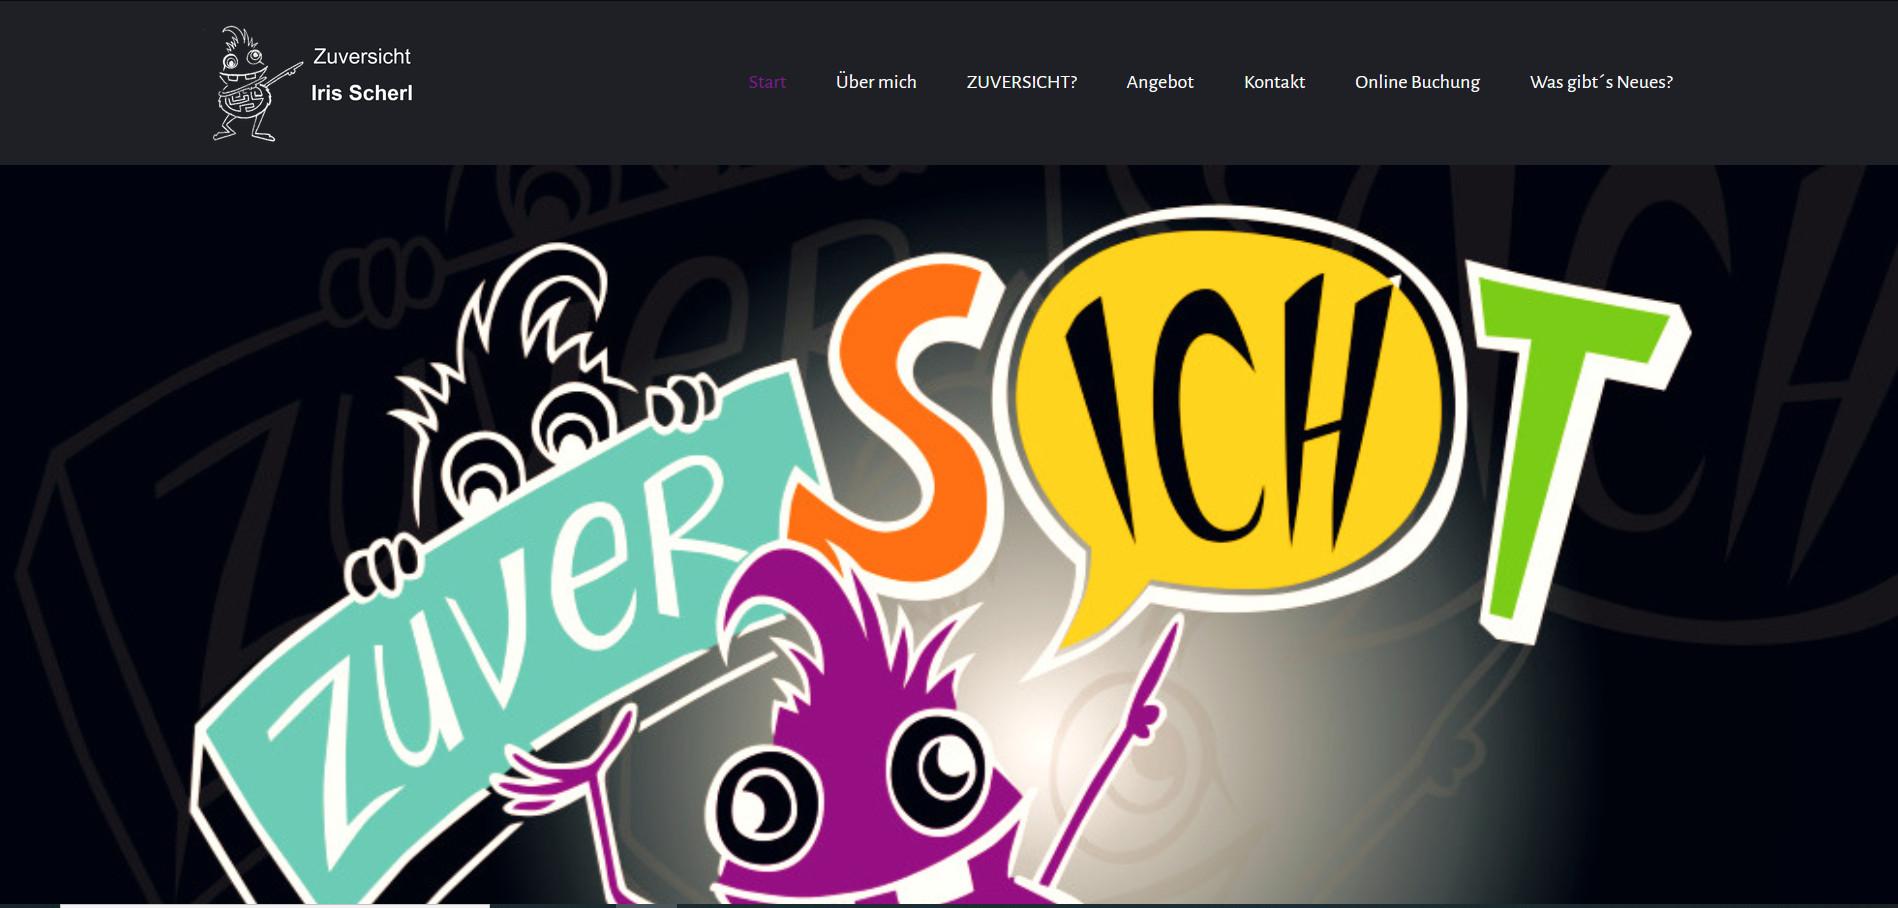 Zuversicht_Homepage